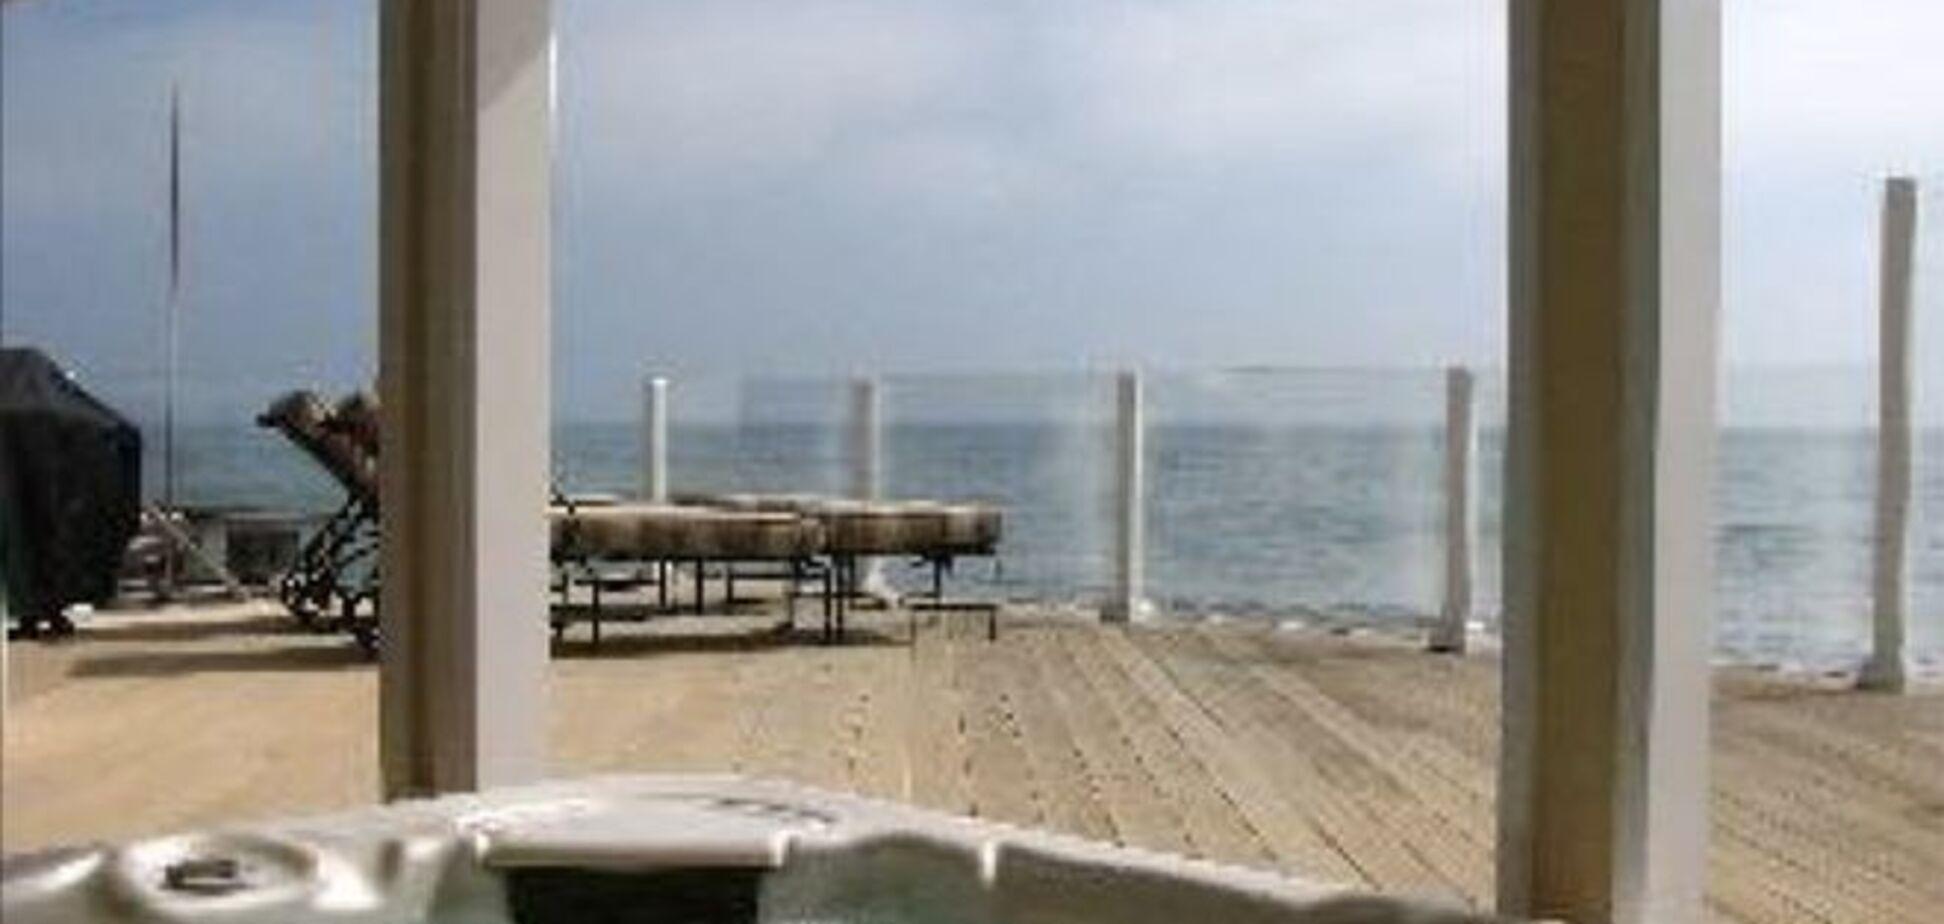 На 'пляже миллиардеров' в США теперь можно снять дом Лео ДиКаприо: фотофакт